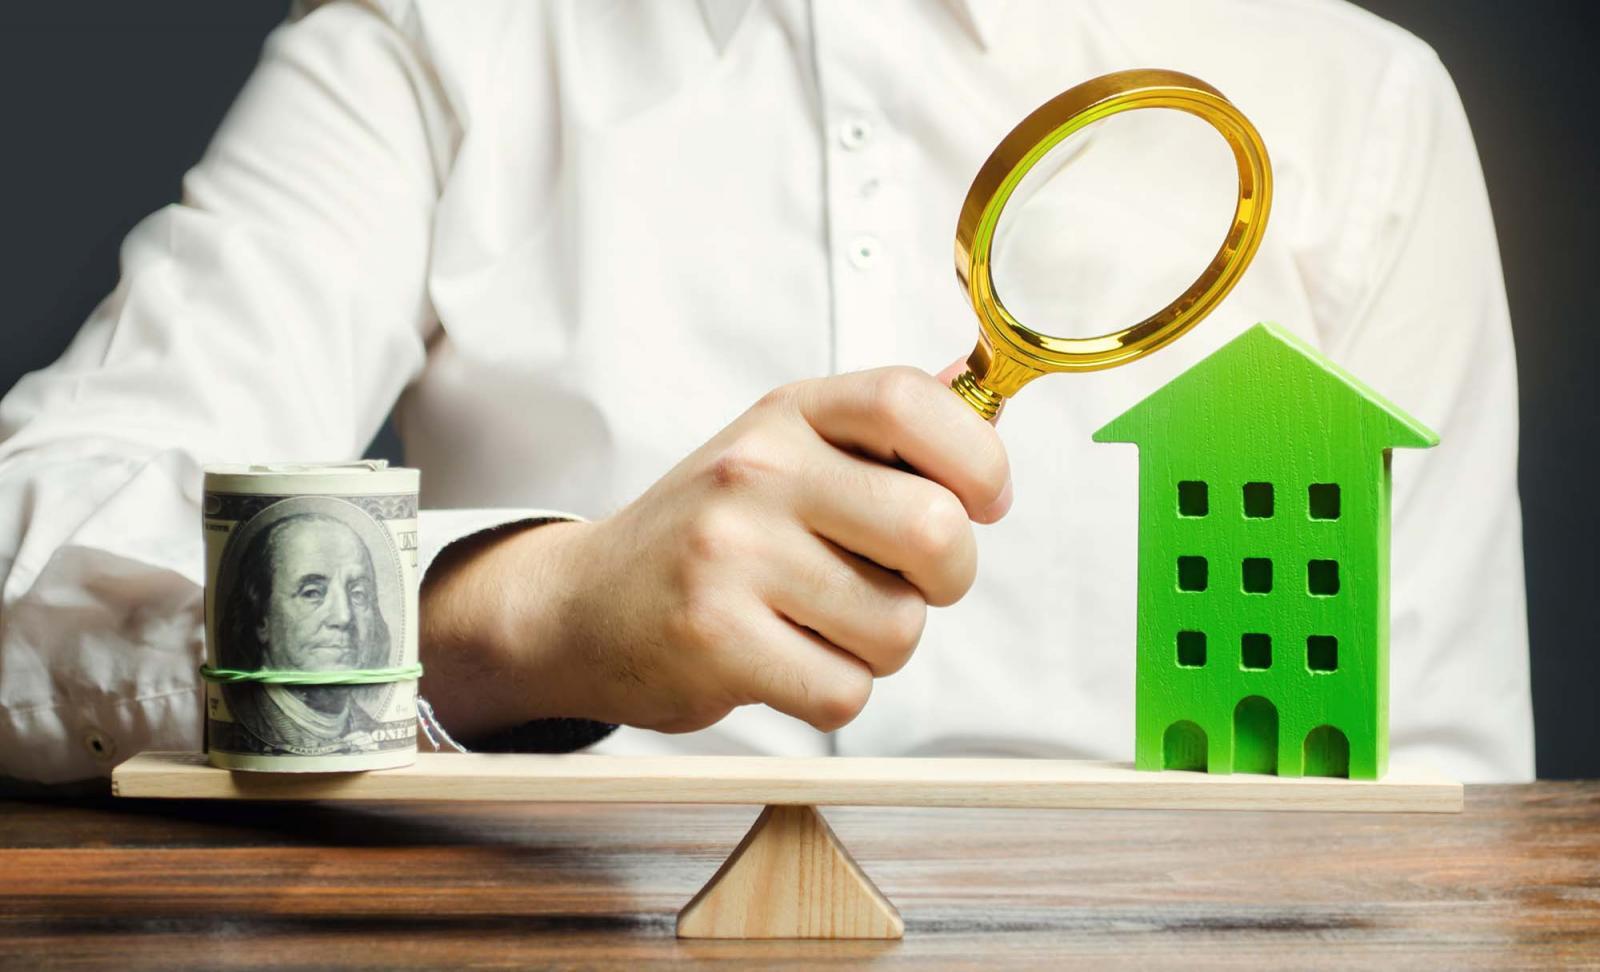 20201126171014 f763 [Lời khuyên Đầu Tư] Lương 35 triệu/tháng chỉ đủ sống ở Sài Gòn, đừng mơ chuyện mua nhà! mới nhất 2021